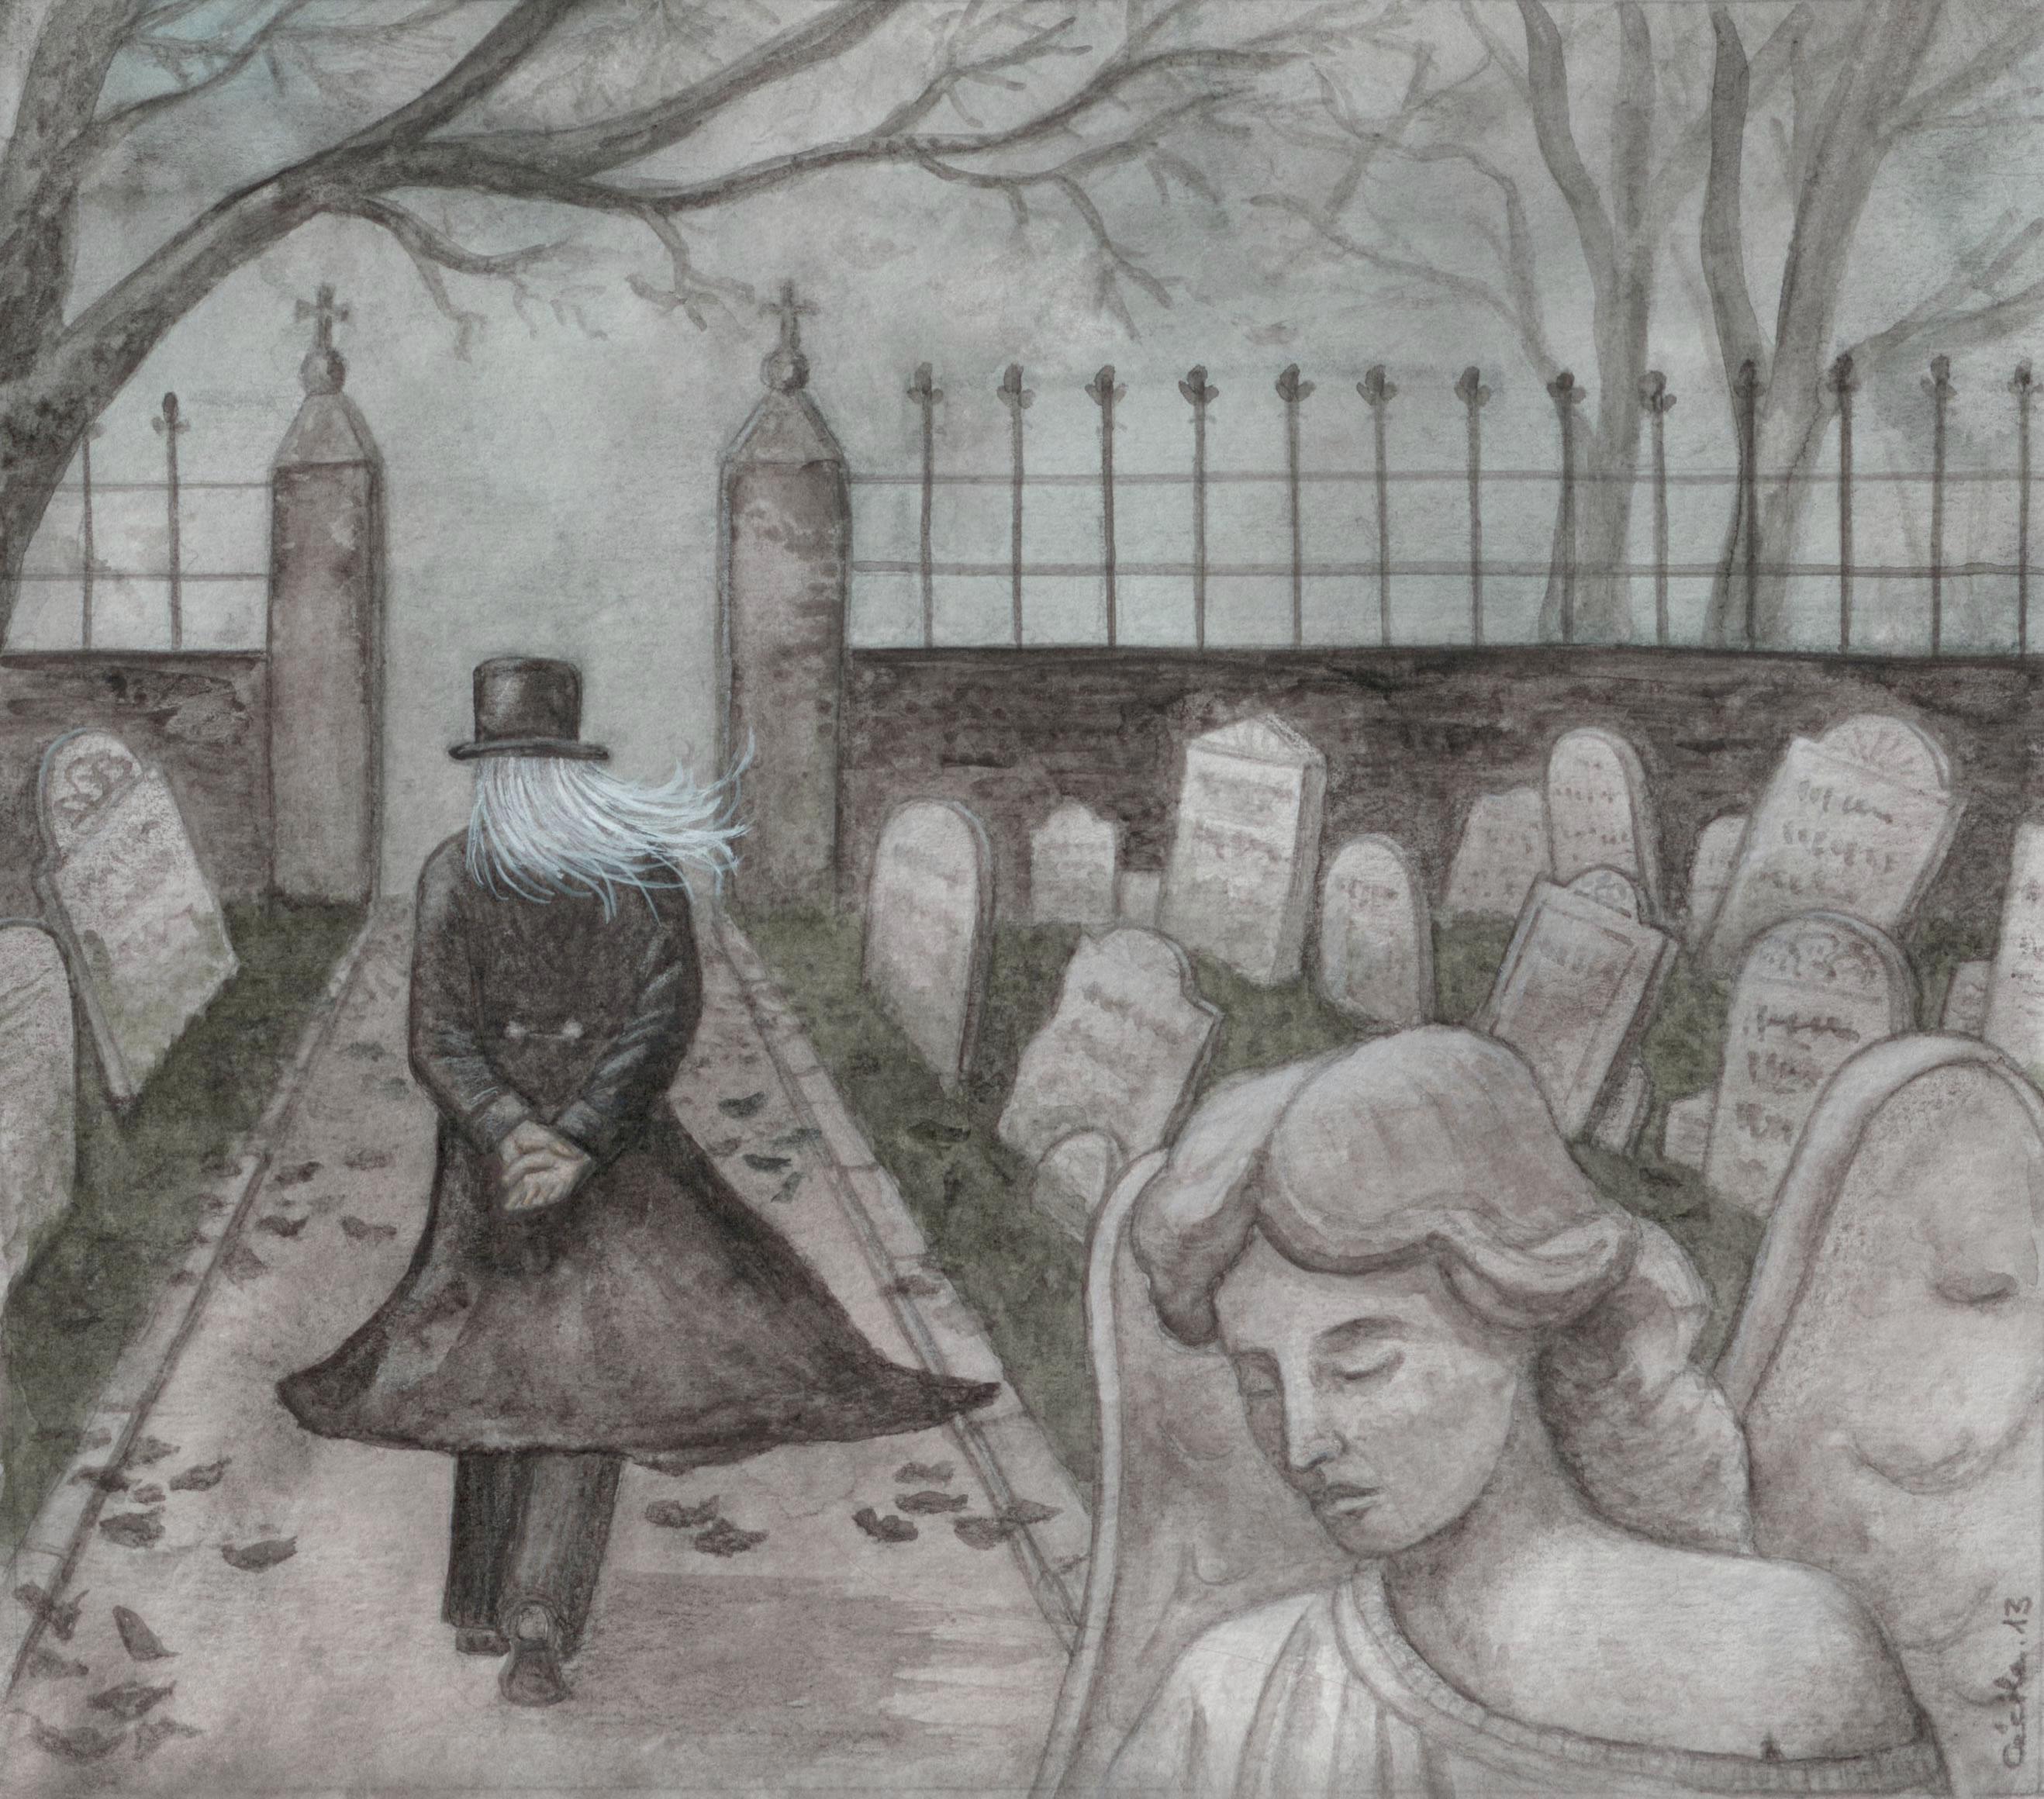 Shadow Boy and the Little Match Girl, de C. Allegra Hawksmoor (2013)